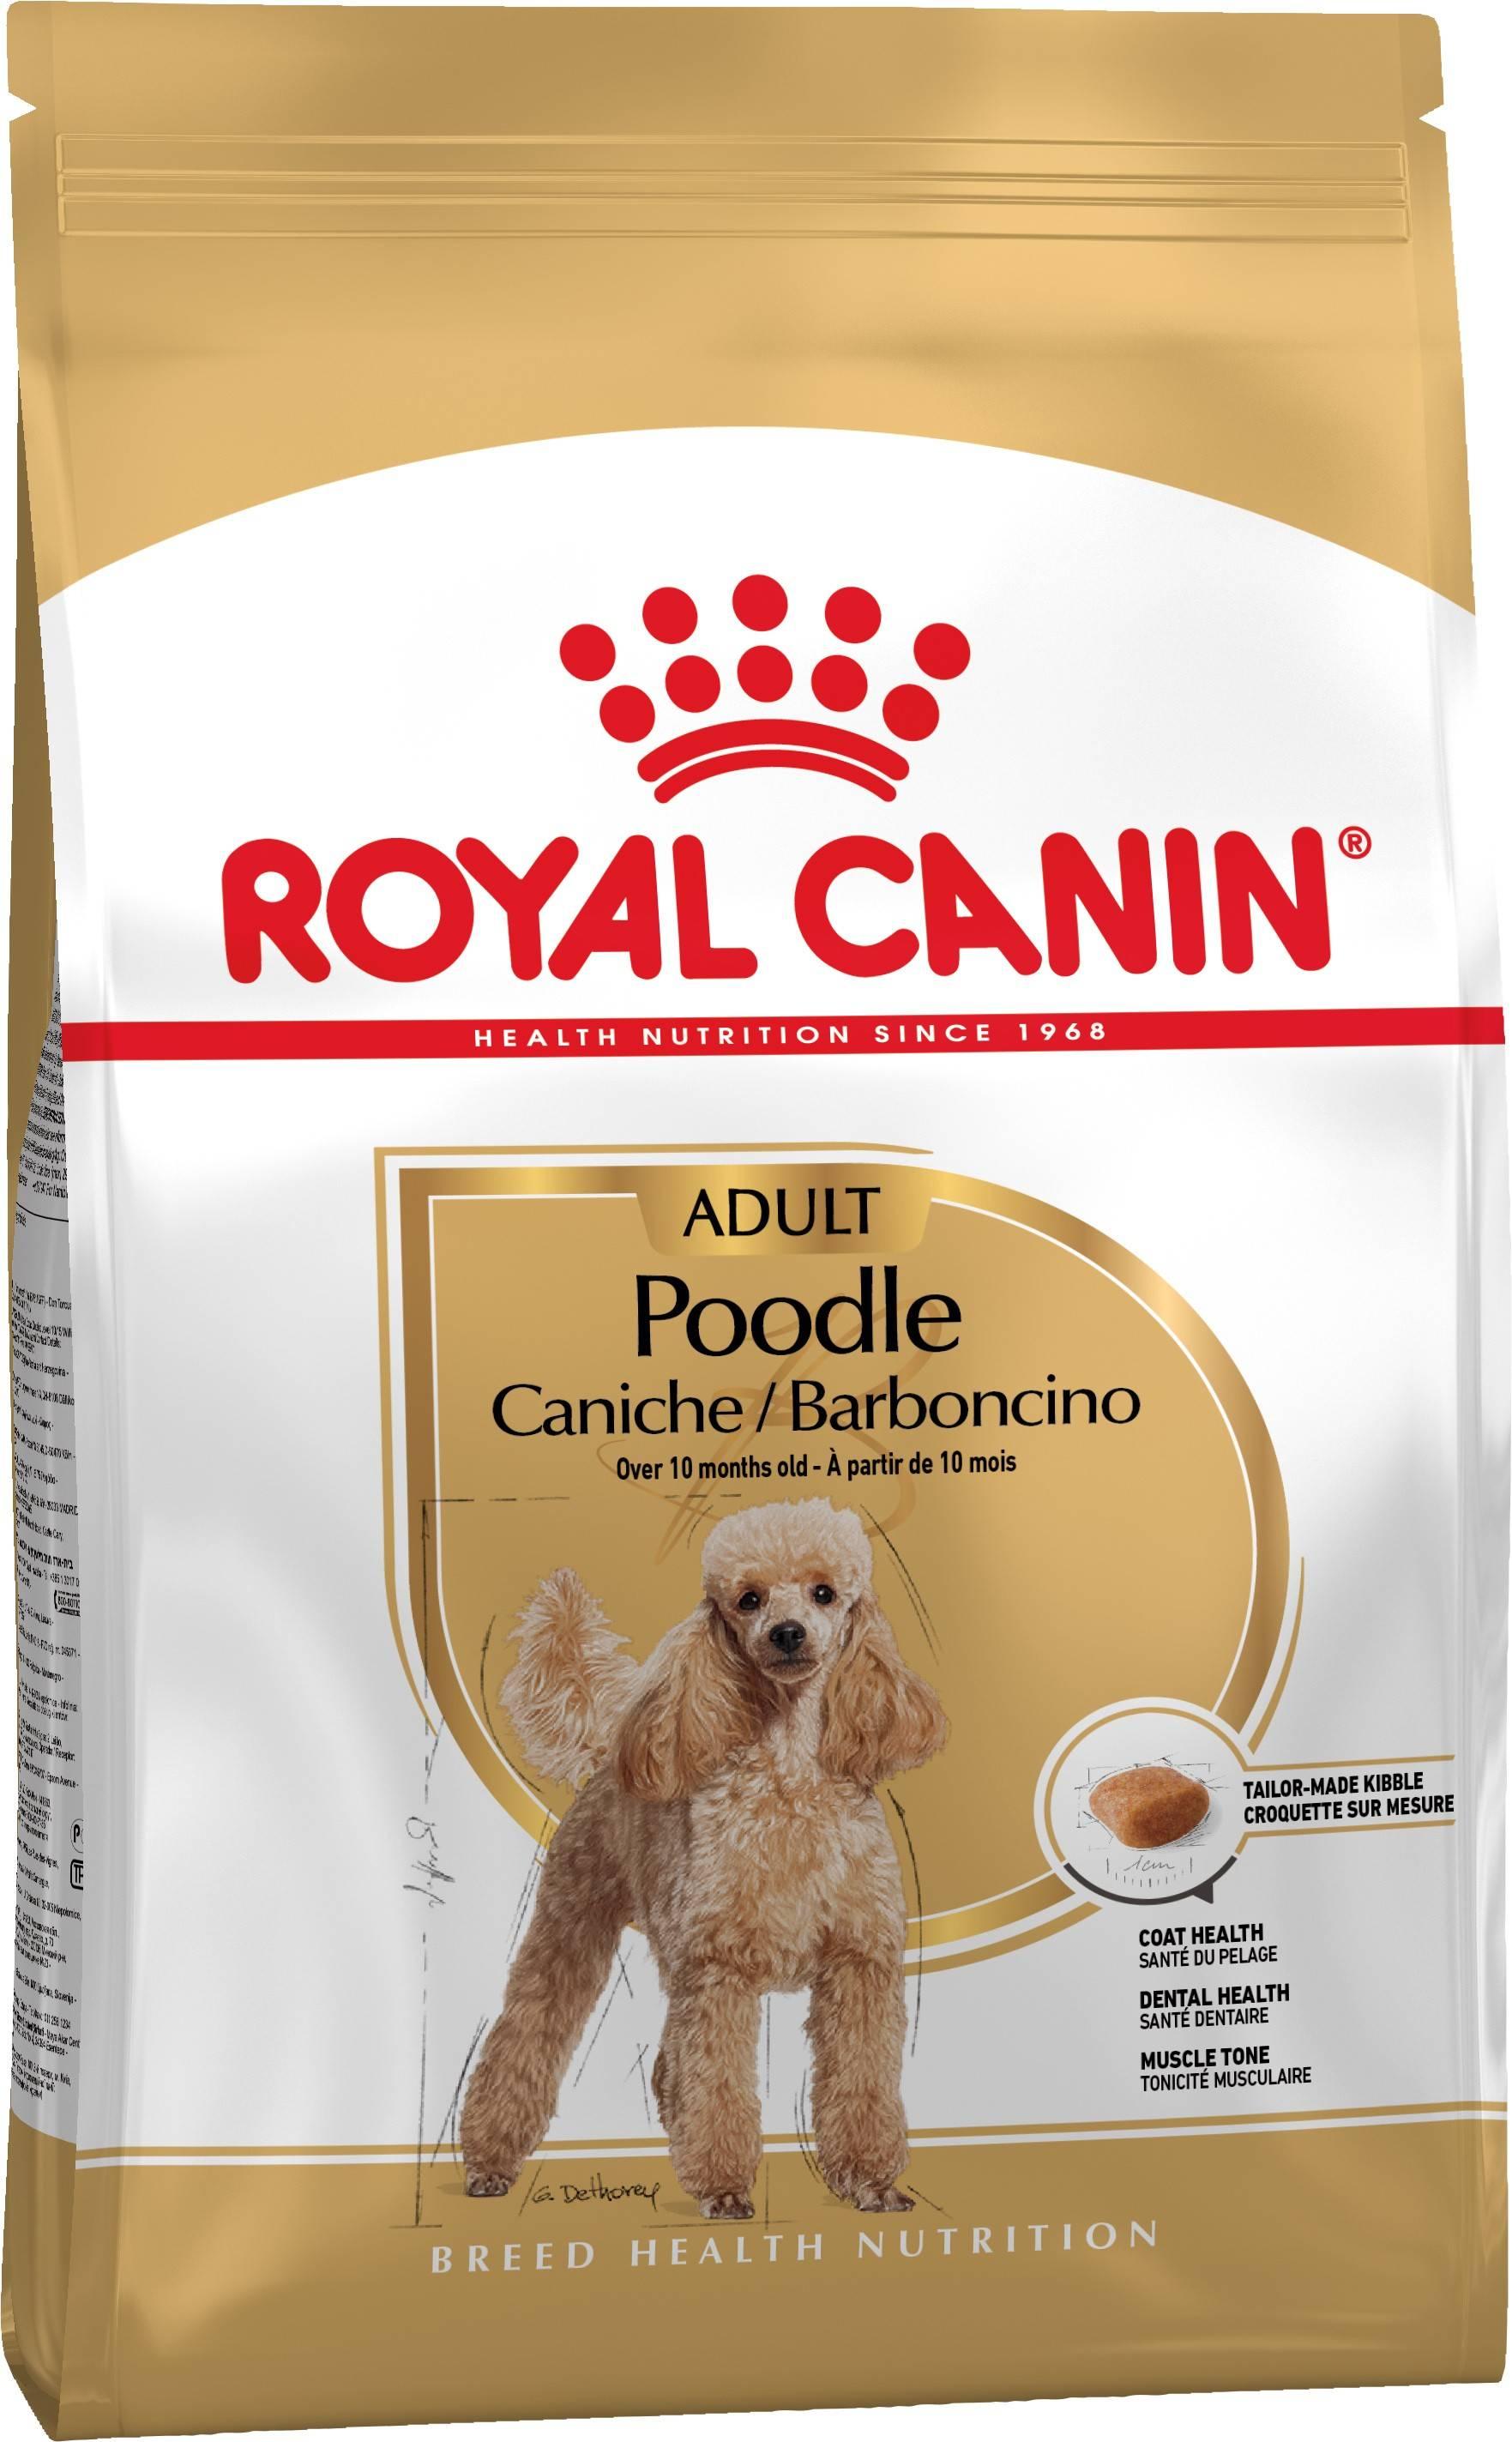 ROYAL CANIN POODLE ADULT – сухой корм для взрослых собак породы пудель